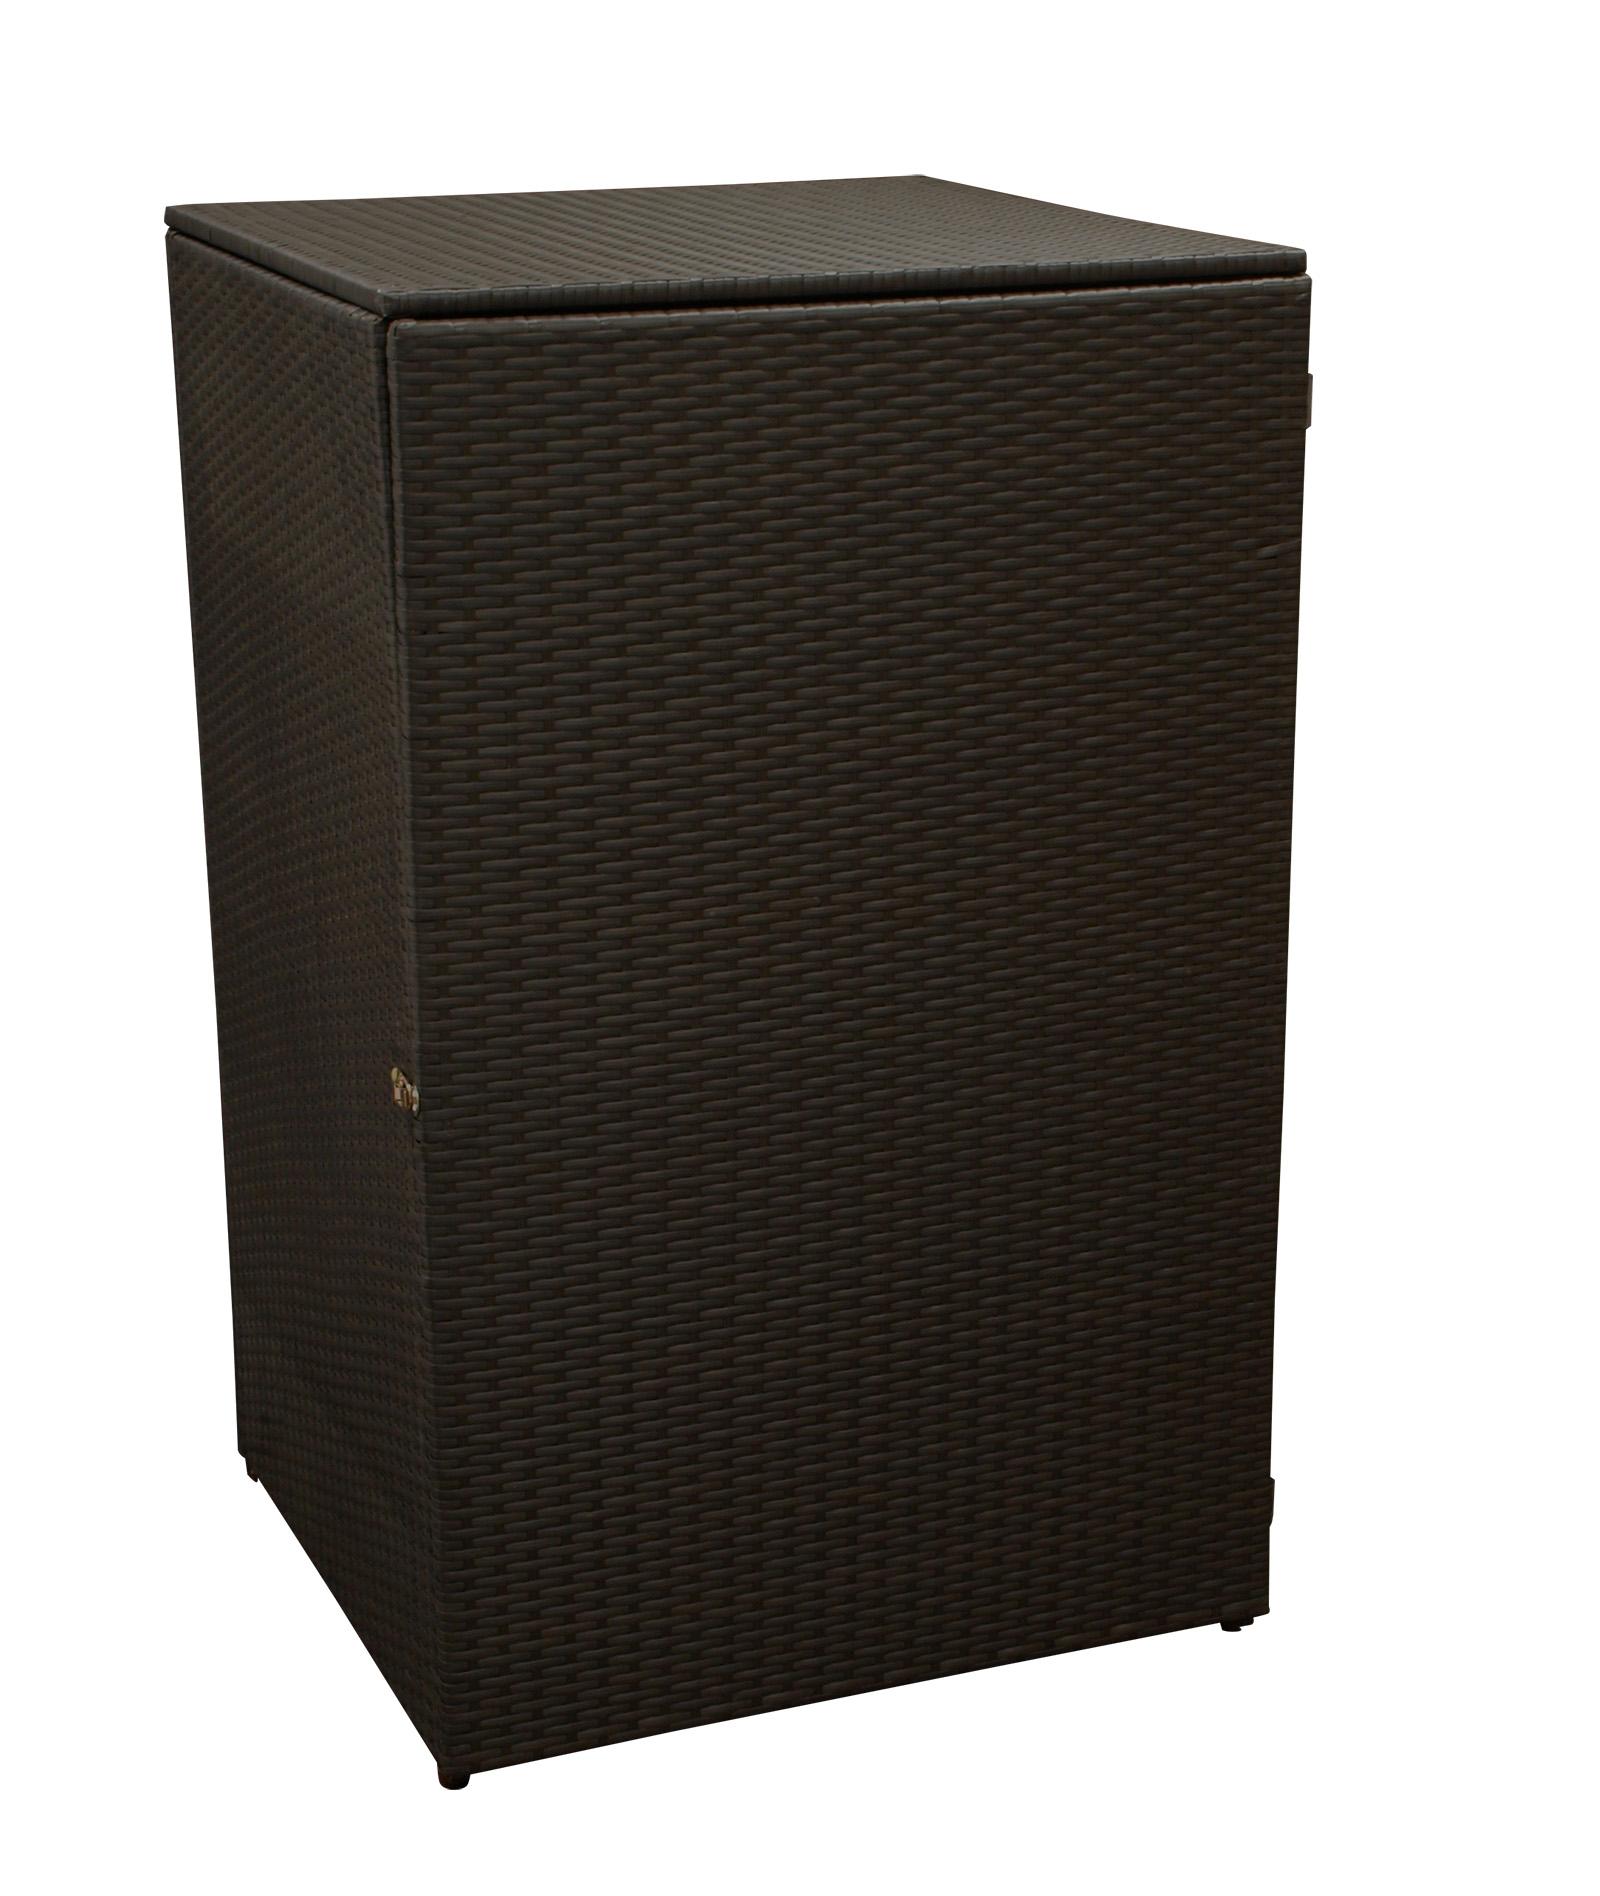 Mülltonnenbox 66x64x109cm für Tonnen bis 120 Liter, Stahl + Polyrattan mocca